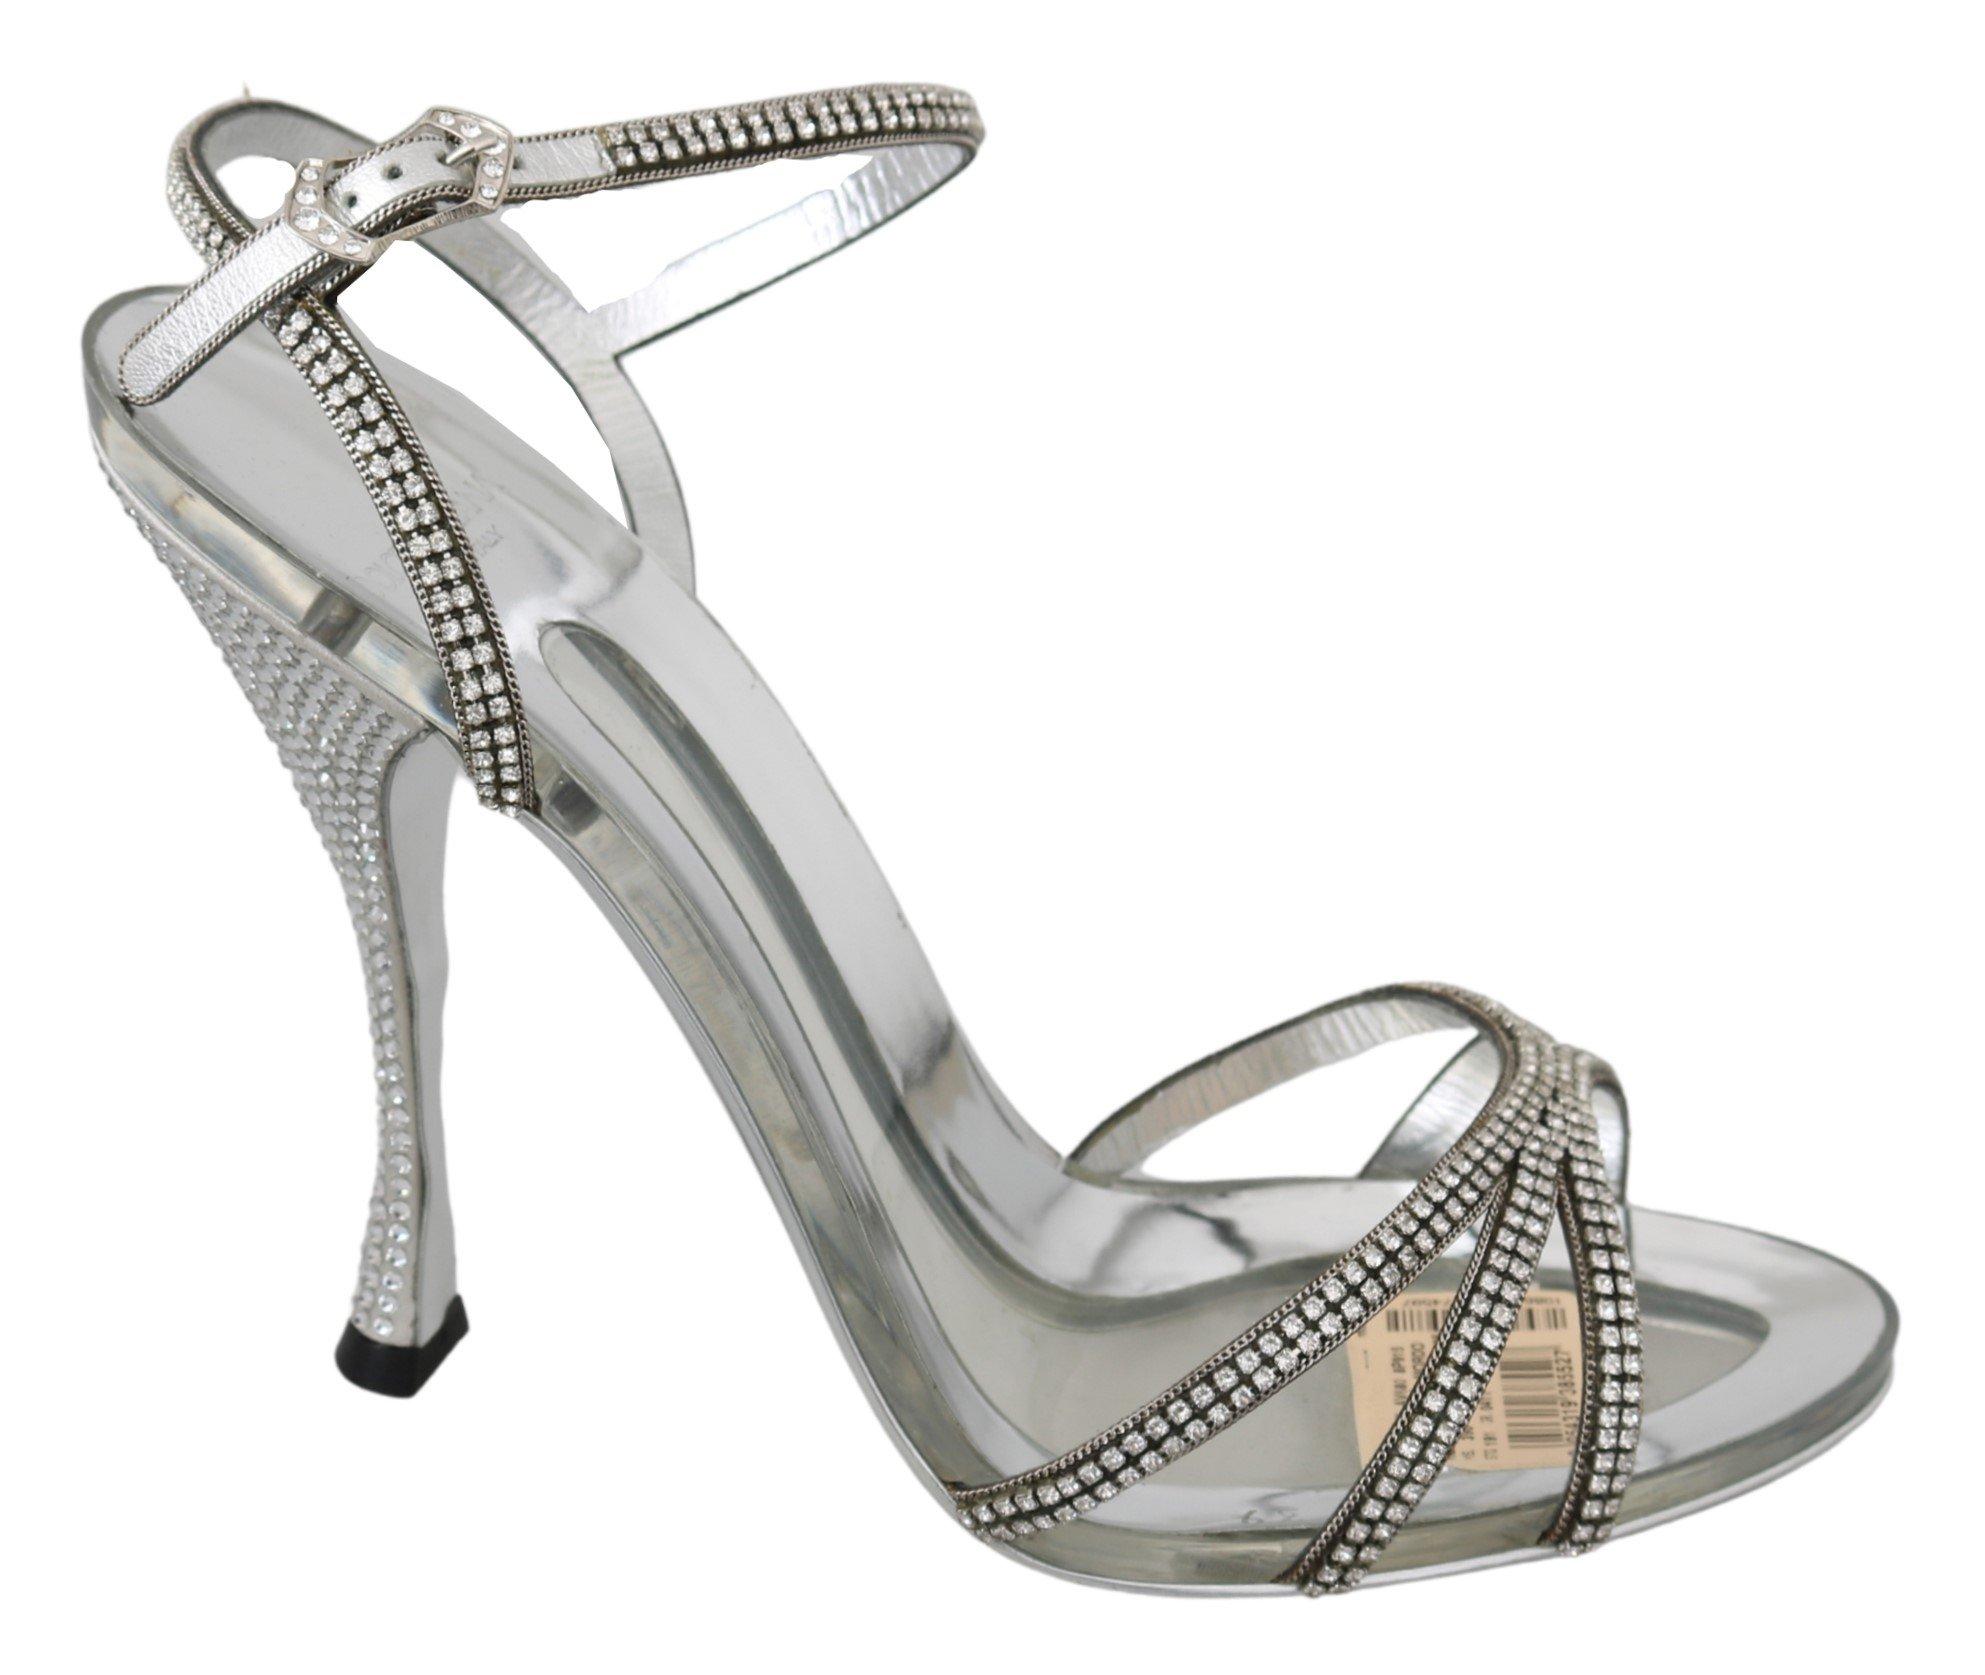 Dolce & Gabbana Women's Crystal Ankle Strap Sandal Silver LA6906 - EU39/US8.5